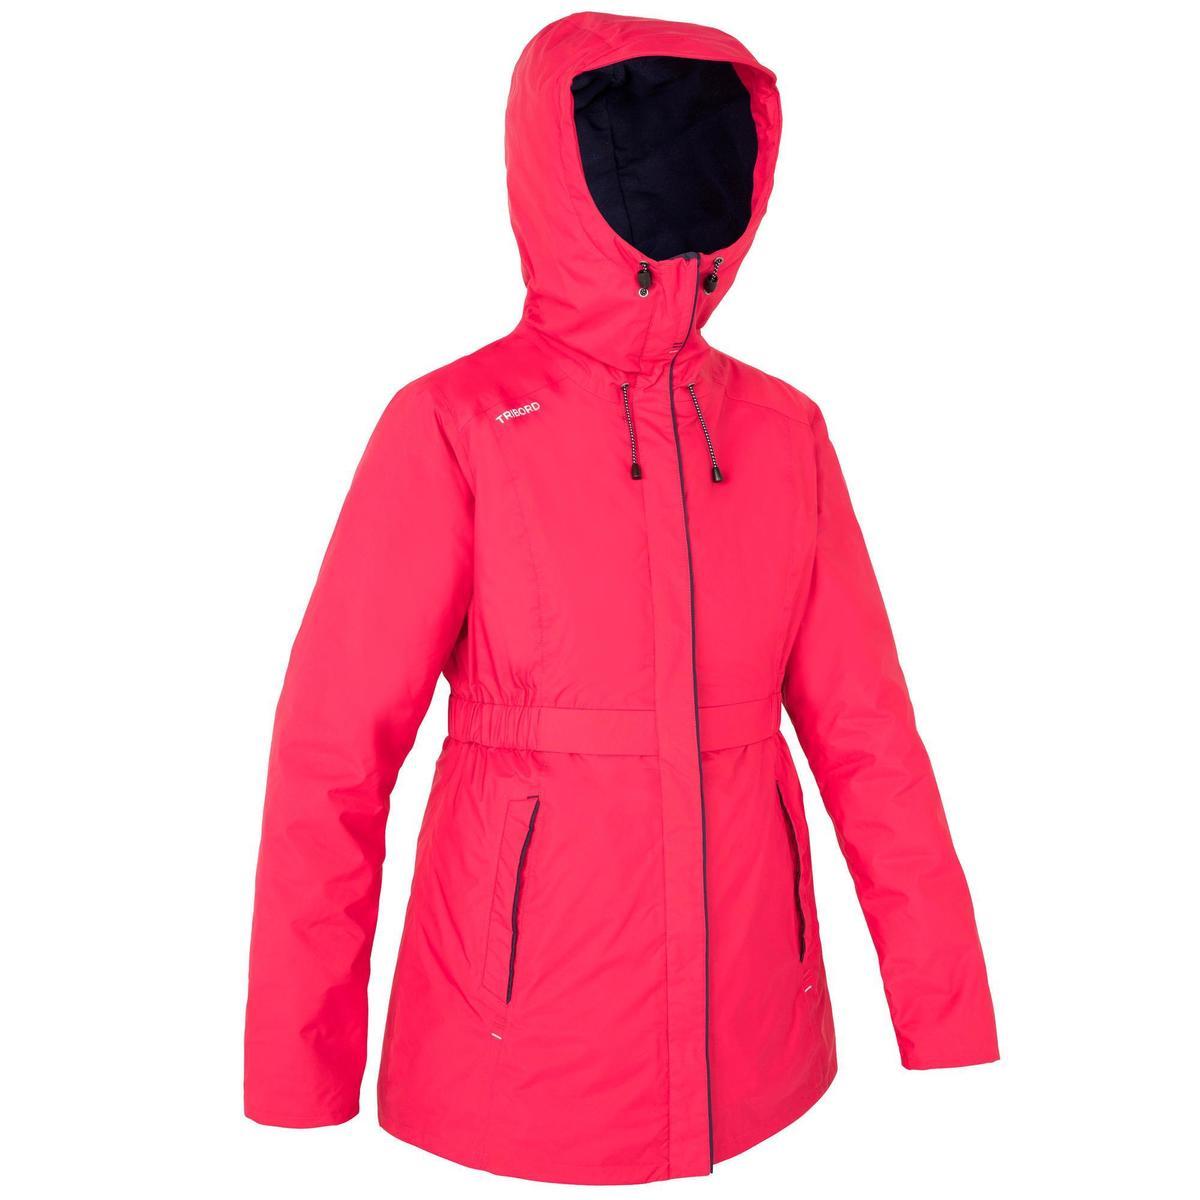 Bild 1 von Segeljacke warm 100 Damen rosa